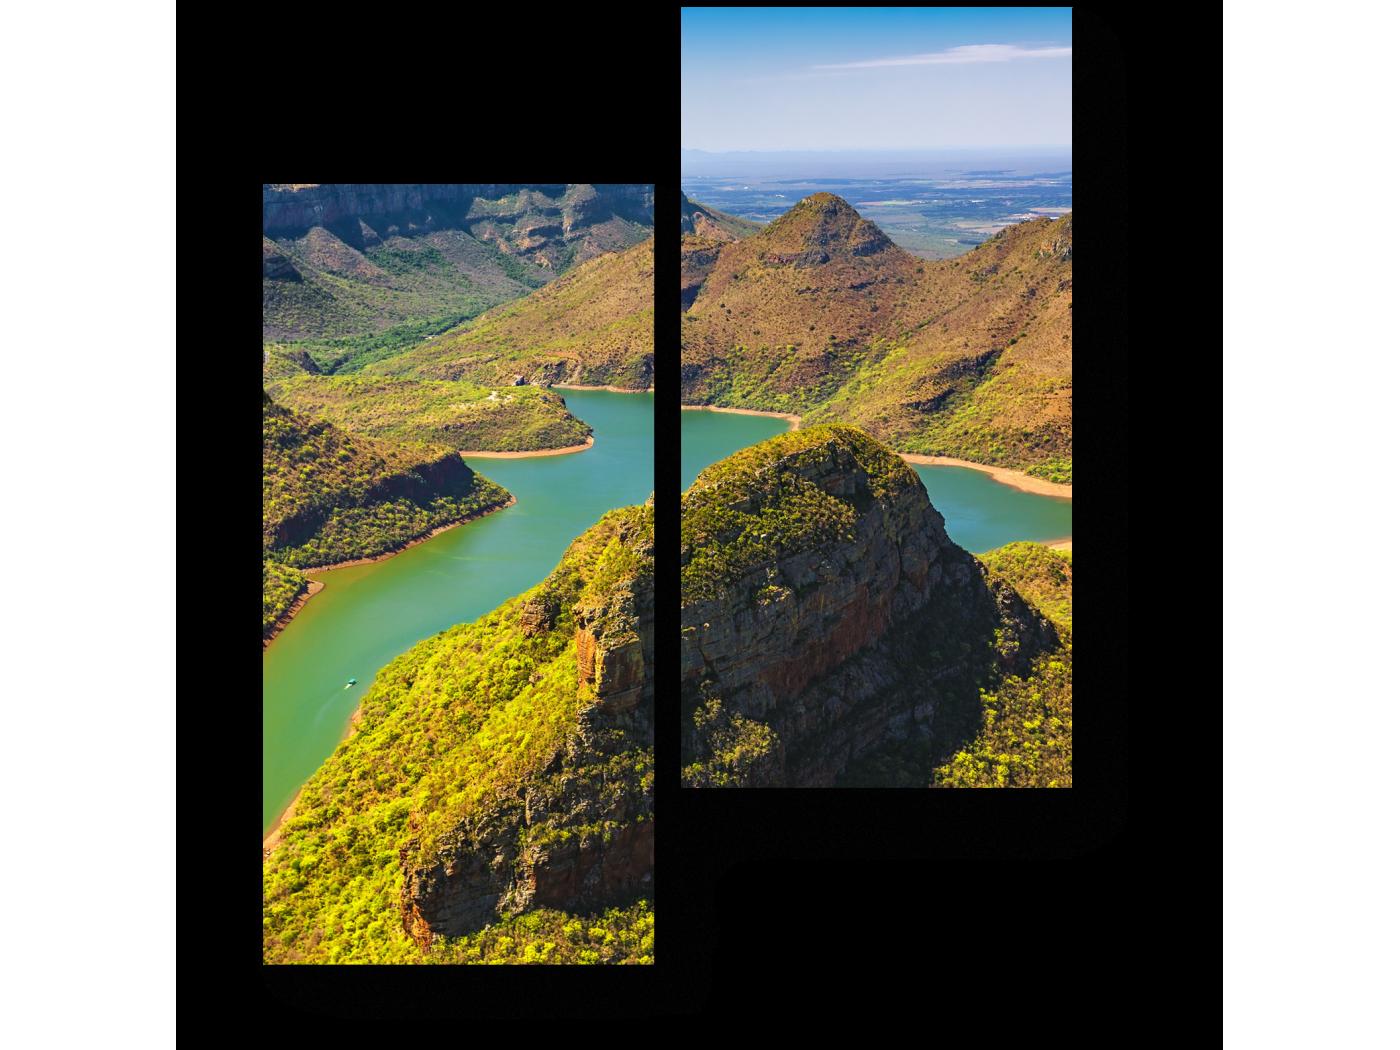 Модульная картина Зеленый каньон (40x50) фото